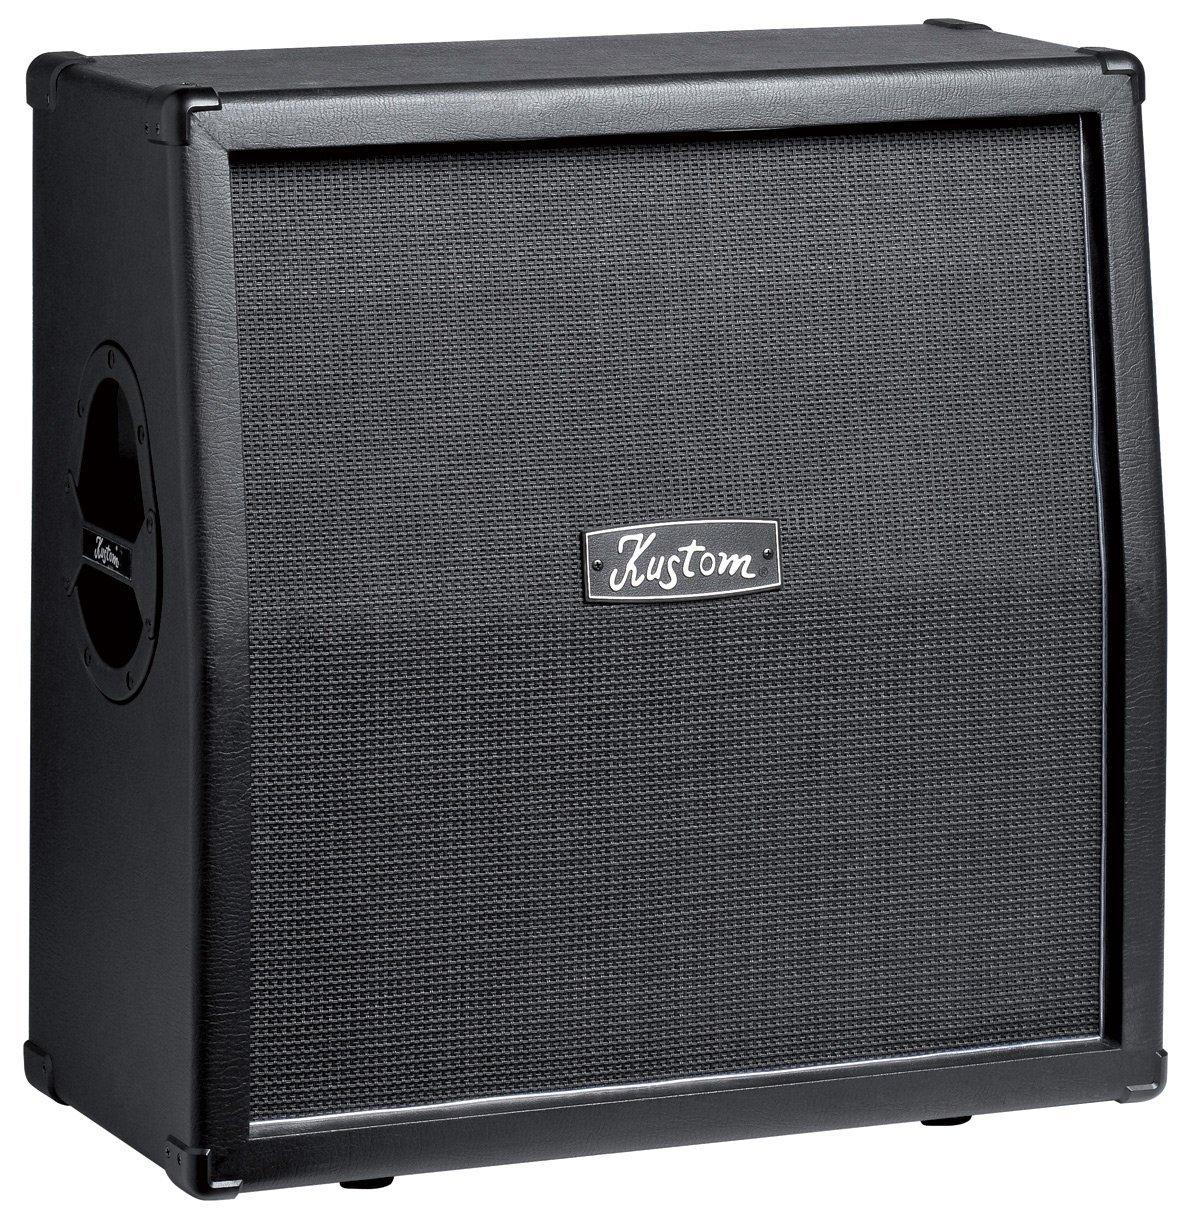 Kustom 1x12 Cabinet Amazoncom Kustom Kg412 4 X 12 Cabinet Slant Musical Instruments